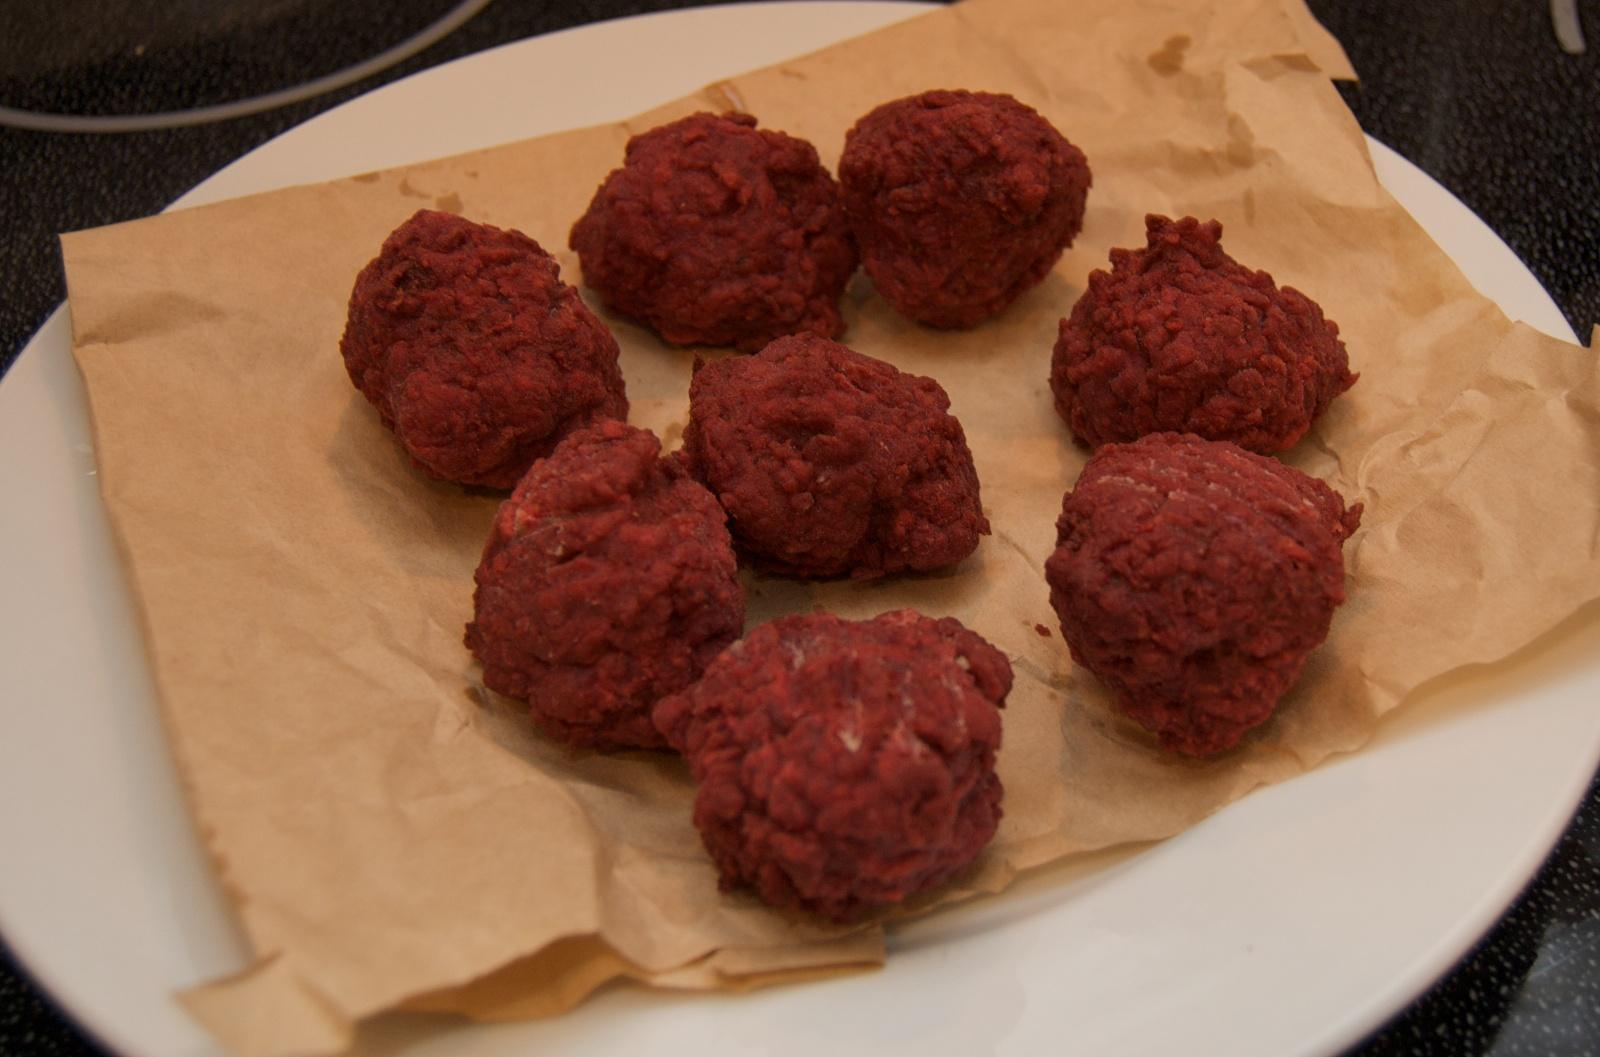 http://blog.rickk.com/food/2010/06/26/beetballs5.jpg